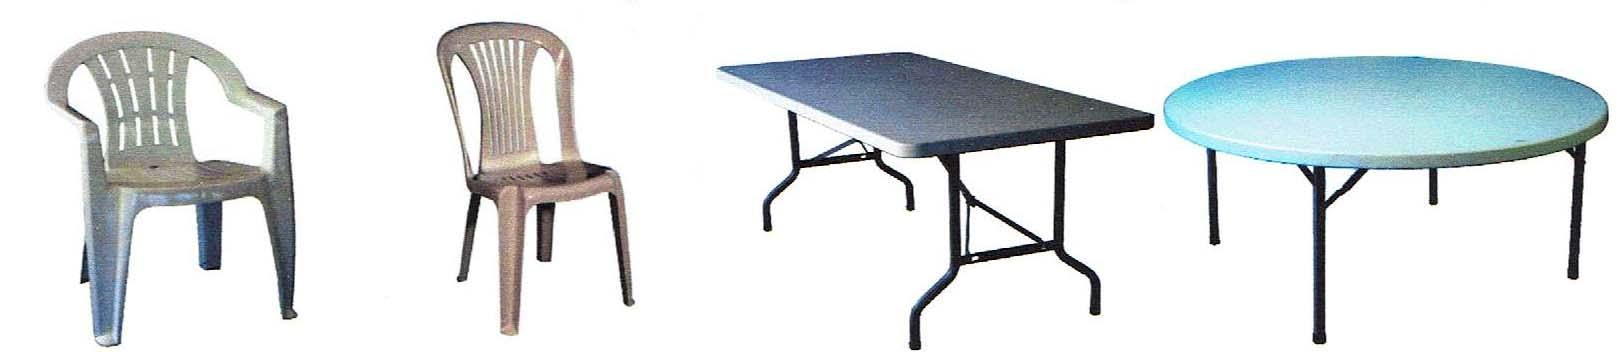 Mesas de precios mesa melamina sillas apilables mesa de - Mesa plegable maleta carrefour ...